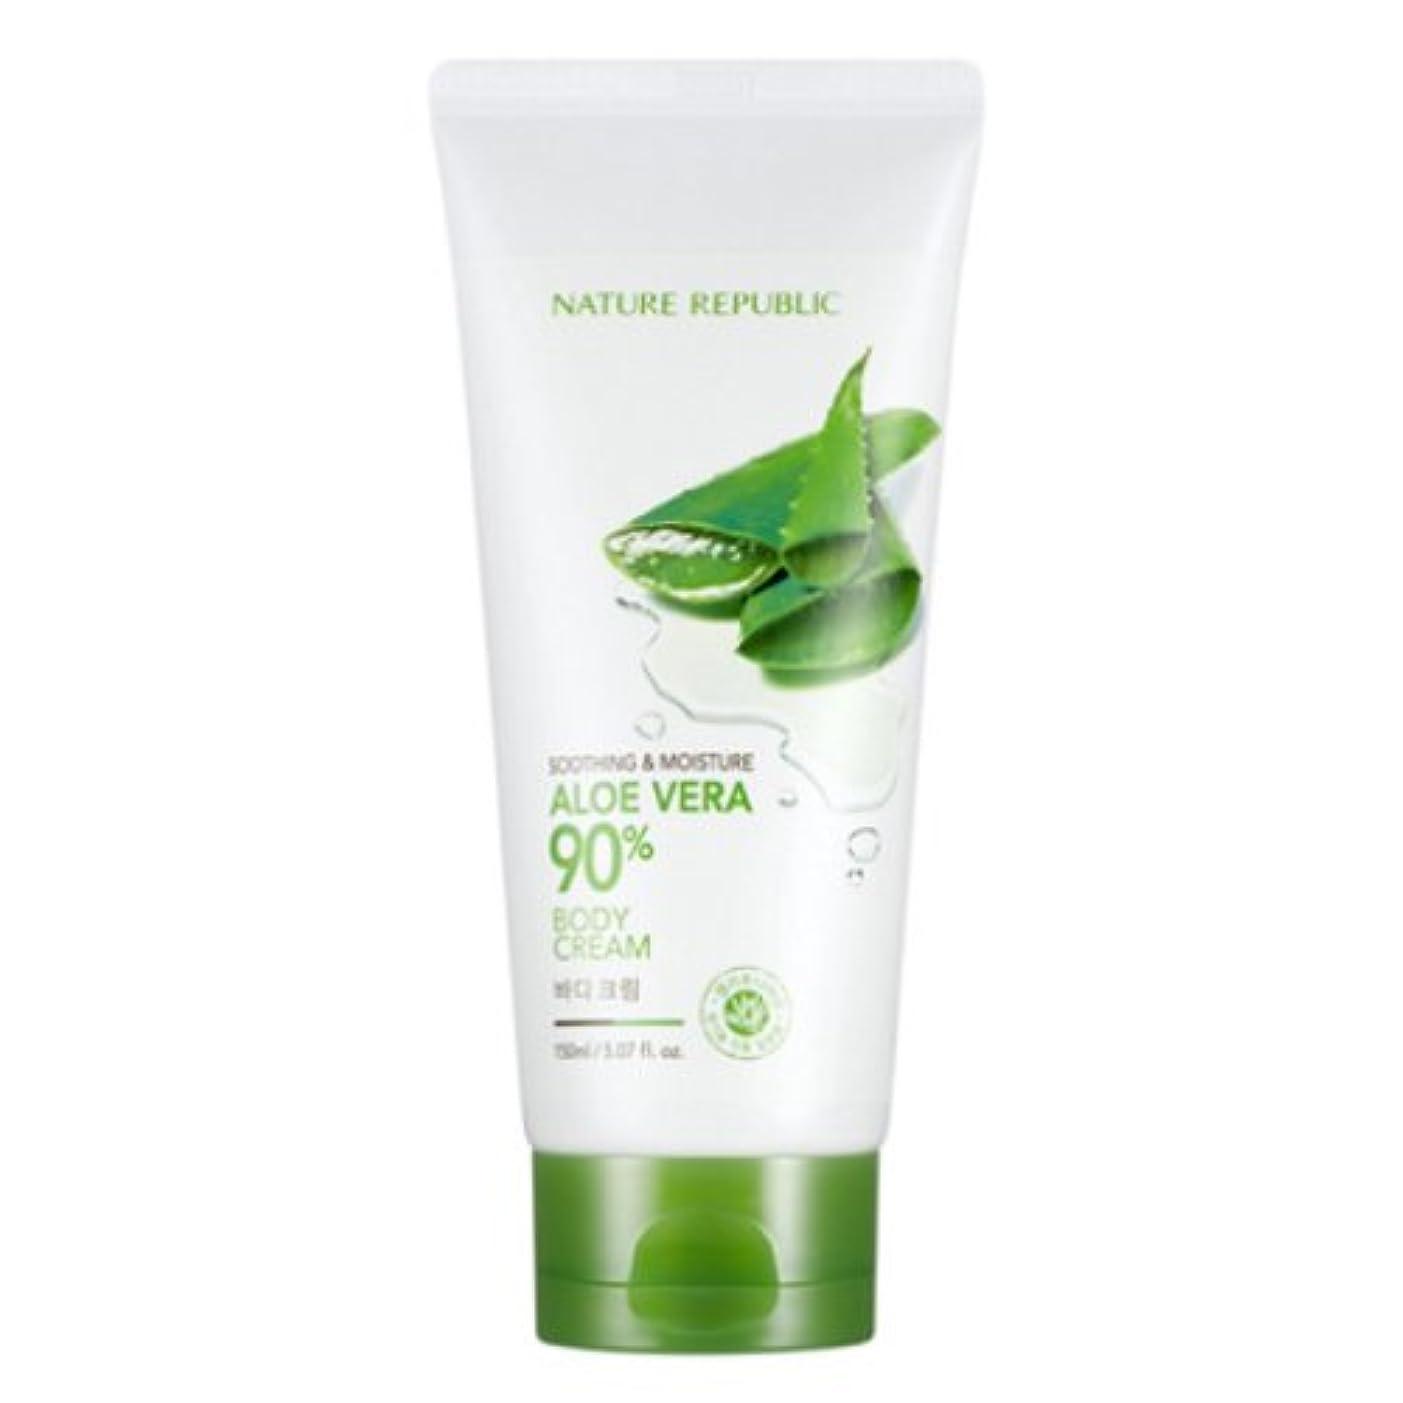 消化ゼリー付ける[ネイチャーリパブリック] Nature republicスージングアンドモイスチャーアロエベラ90%ボディクリーム海外直送品(Soothing And Moisture Aloe Vera90%Body Cream)...